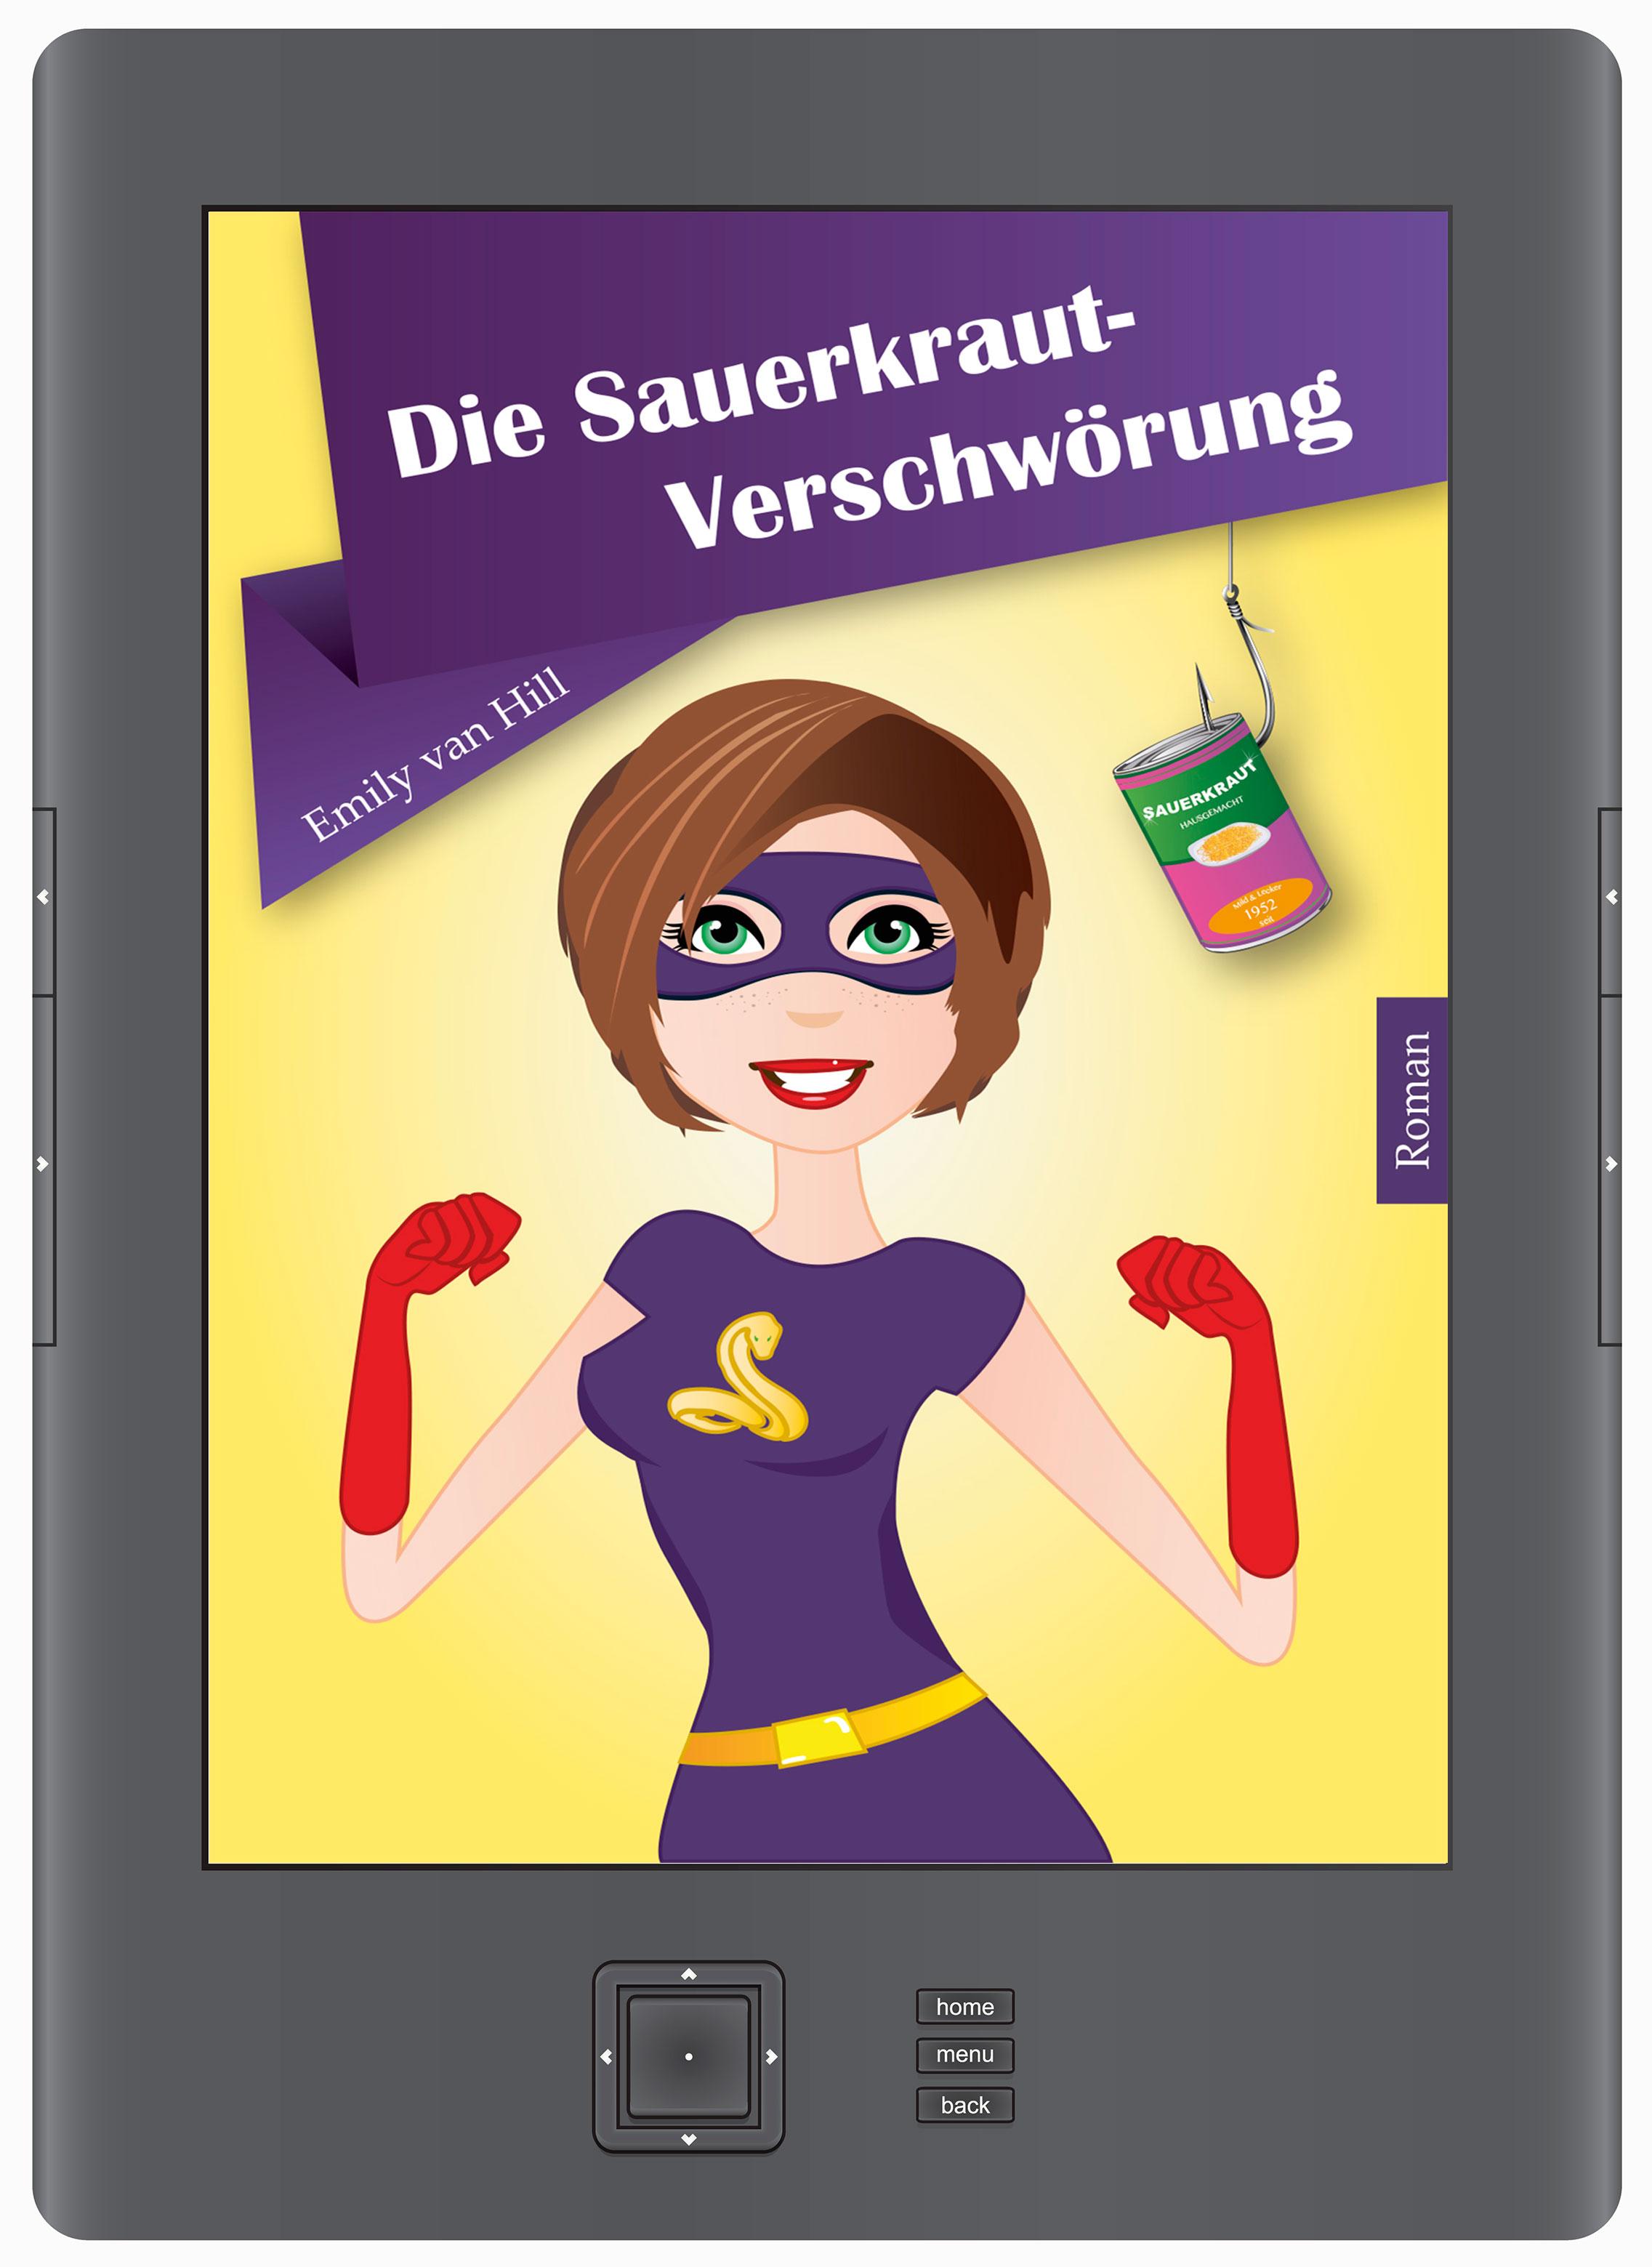 Die Sauerkraut-Verschwörung  - als E-Book und als Taschenbuch.